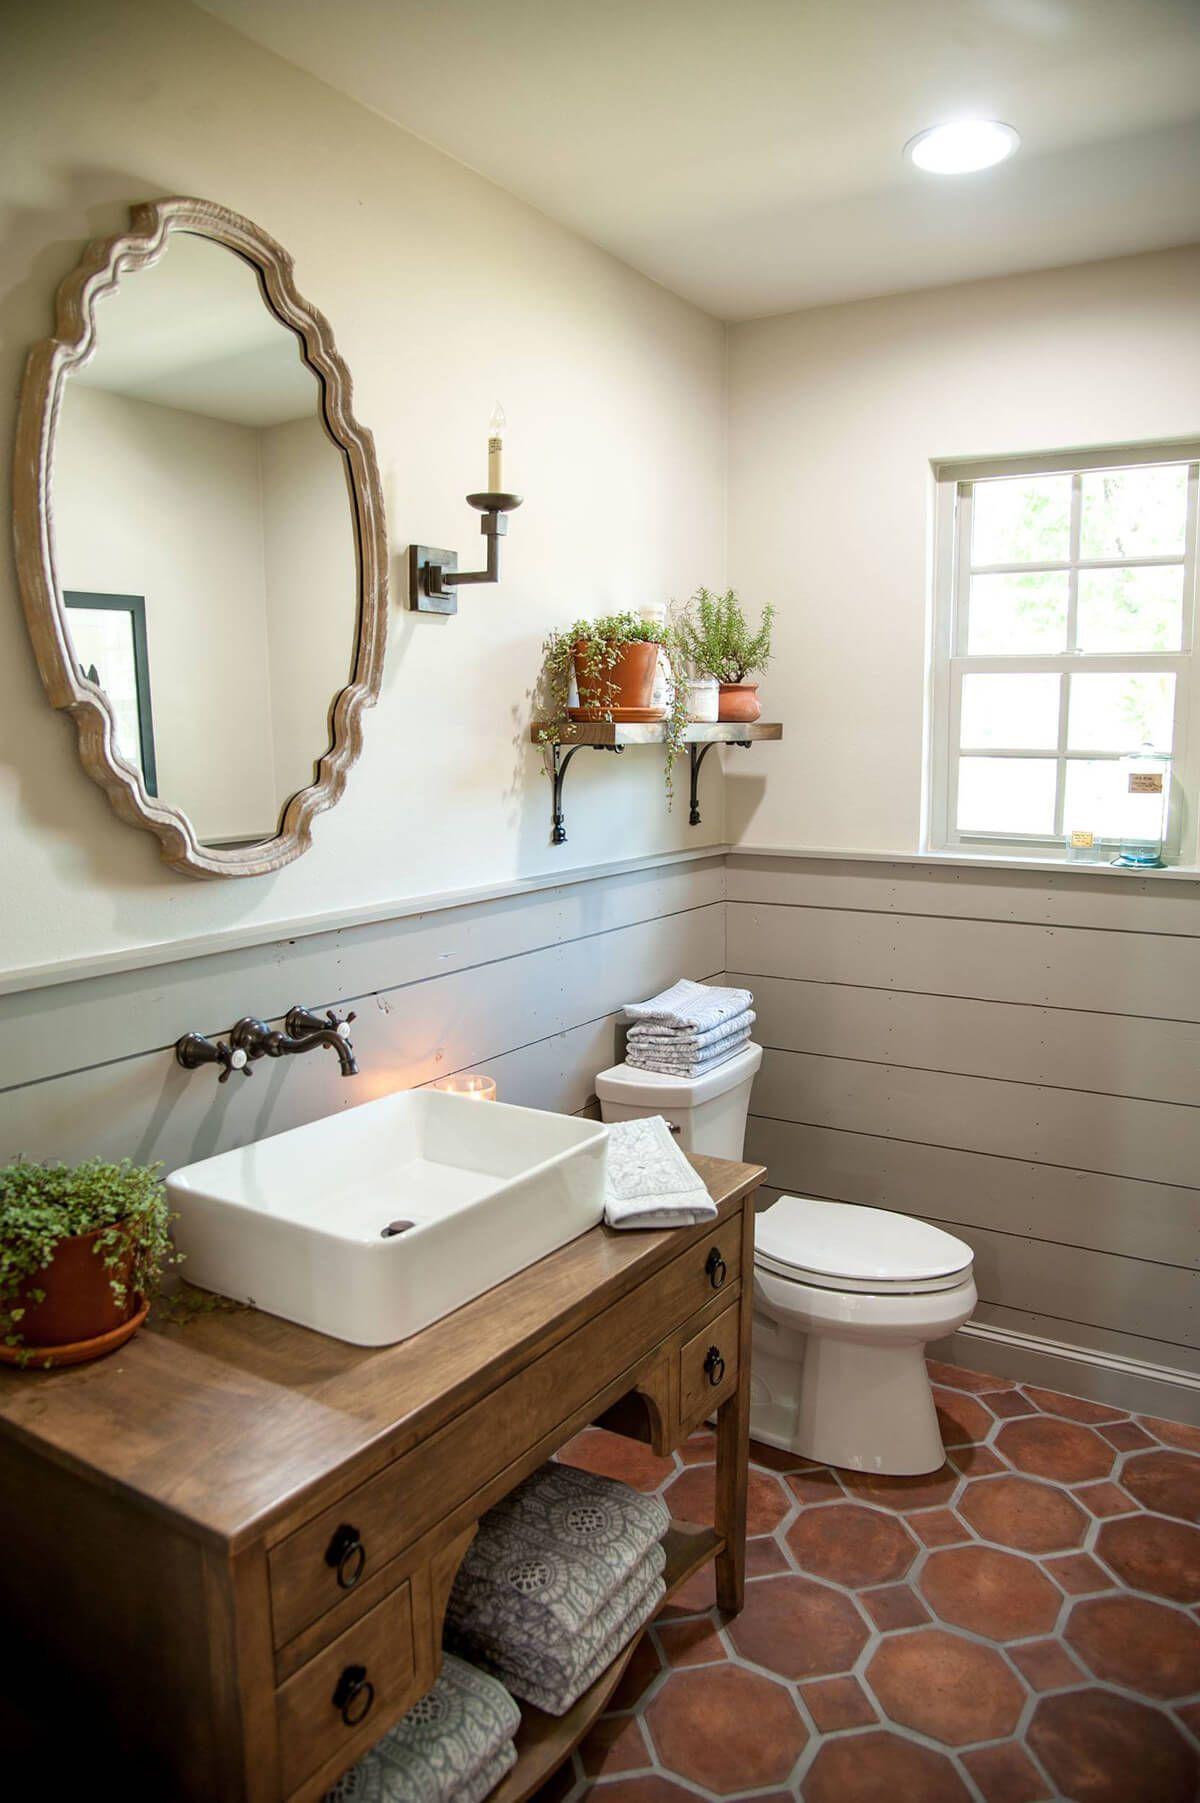 35 Rustikale Badezimmer Eitelkeits Ideen Zum Ihrer Nachsten Erneuerung Anzuregen In 2020 Rustic Bathroom Vanities Bathrooms Remodel